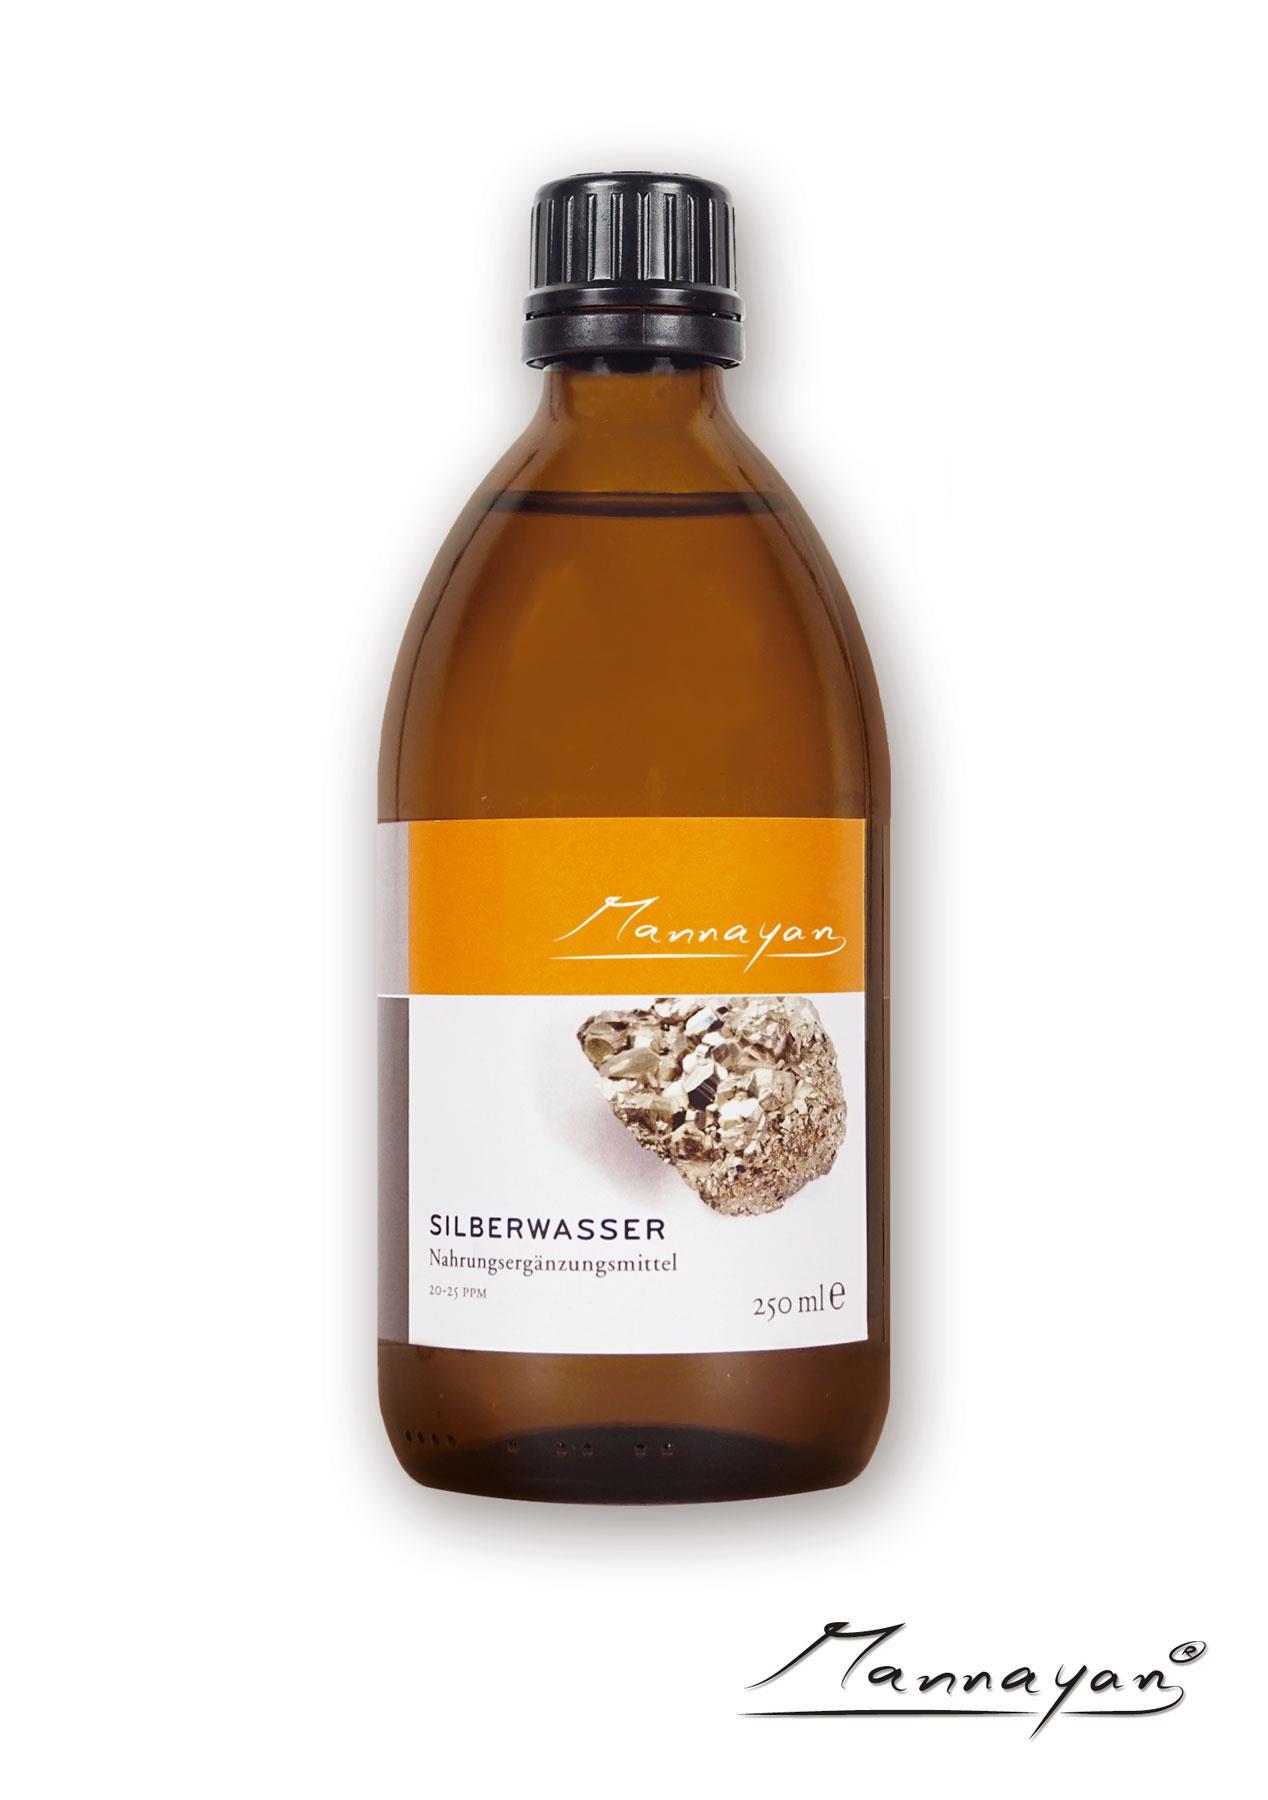 Mannayan Silberwasser 500 ml